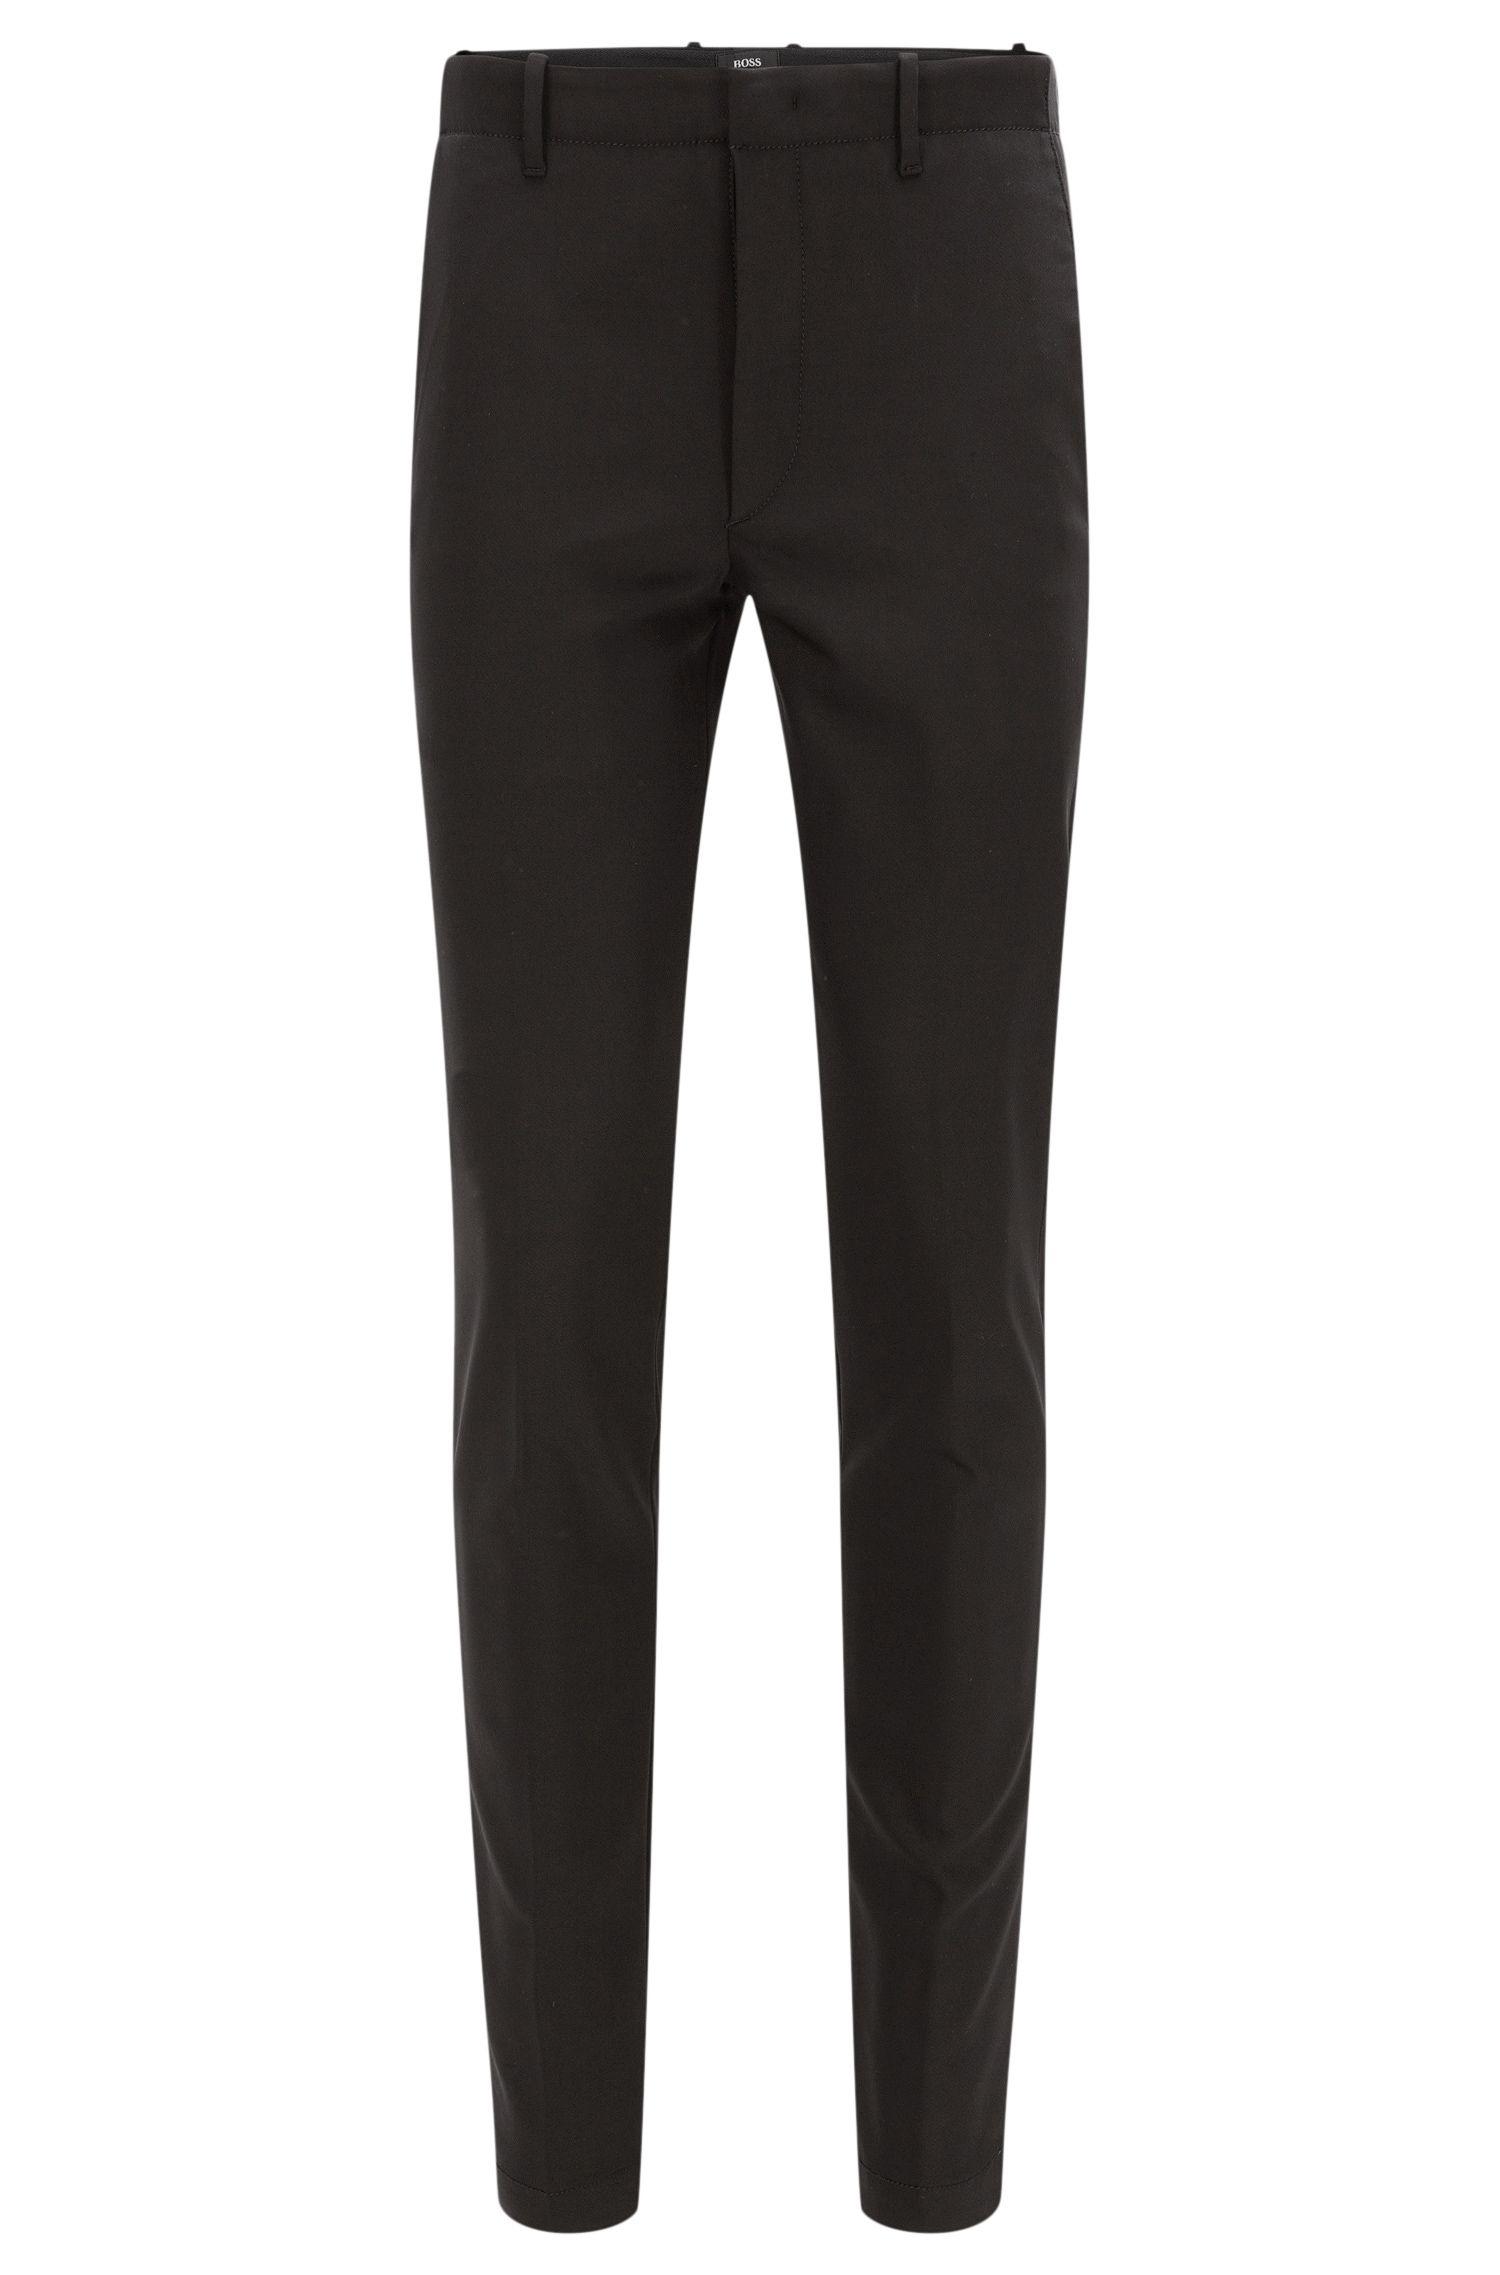 Slim-Fit Hose aus elastischem Baumwoll-Mix: 'Kaito3-MB2-W' aus der Mercedes-Benz-Kollektion